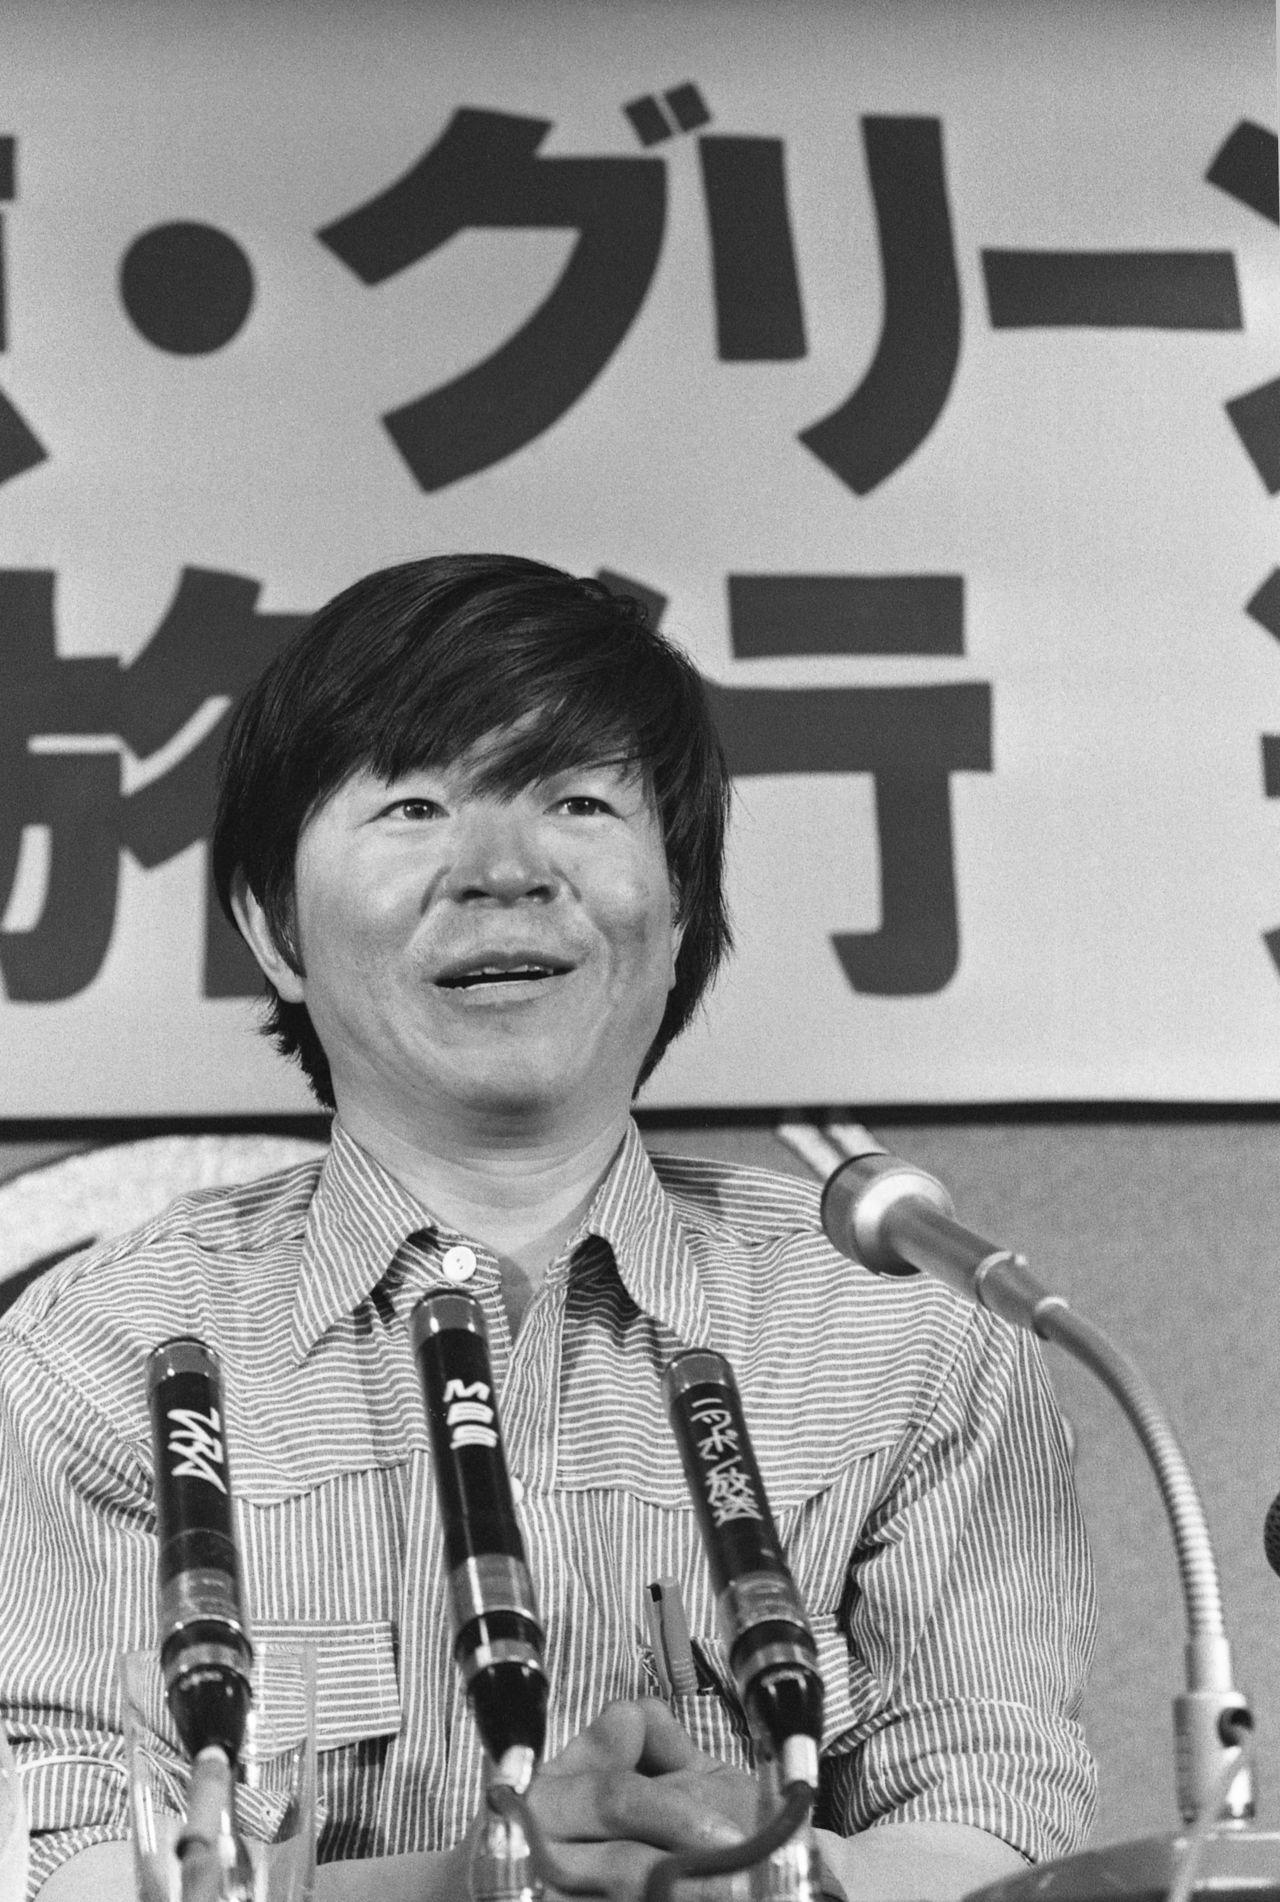 Уэмура выступает в Японском национальном пресс-клубе 1 сентября 1978 года после пересечения Гренландии. (© Jiji)